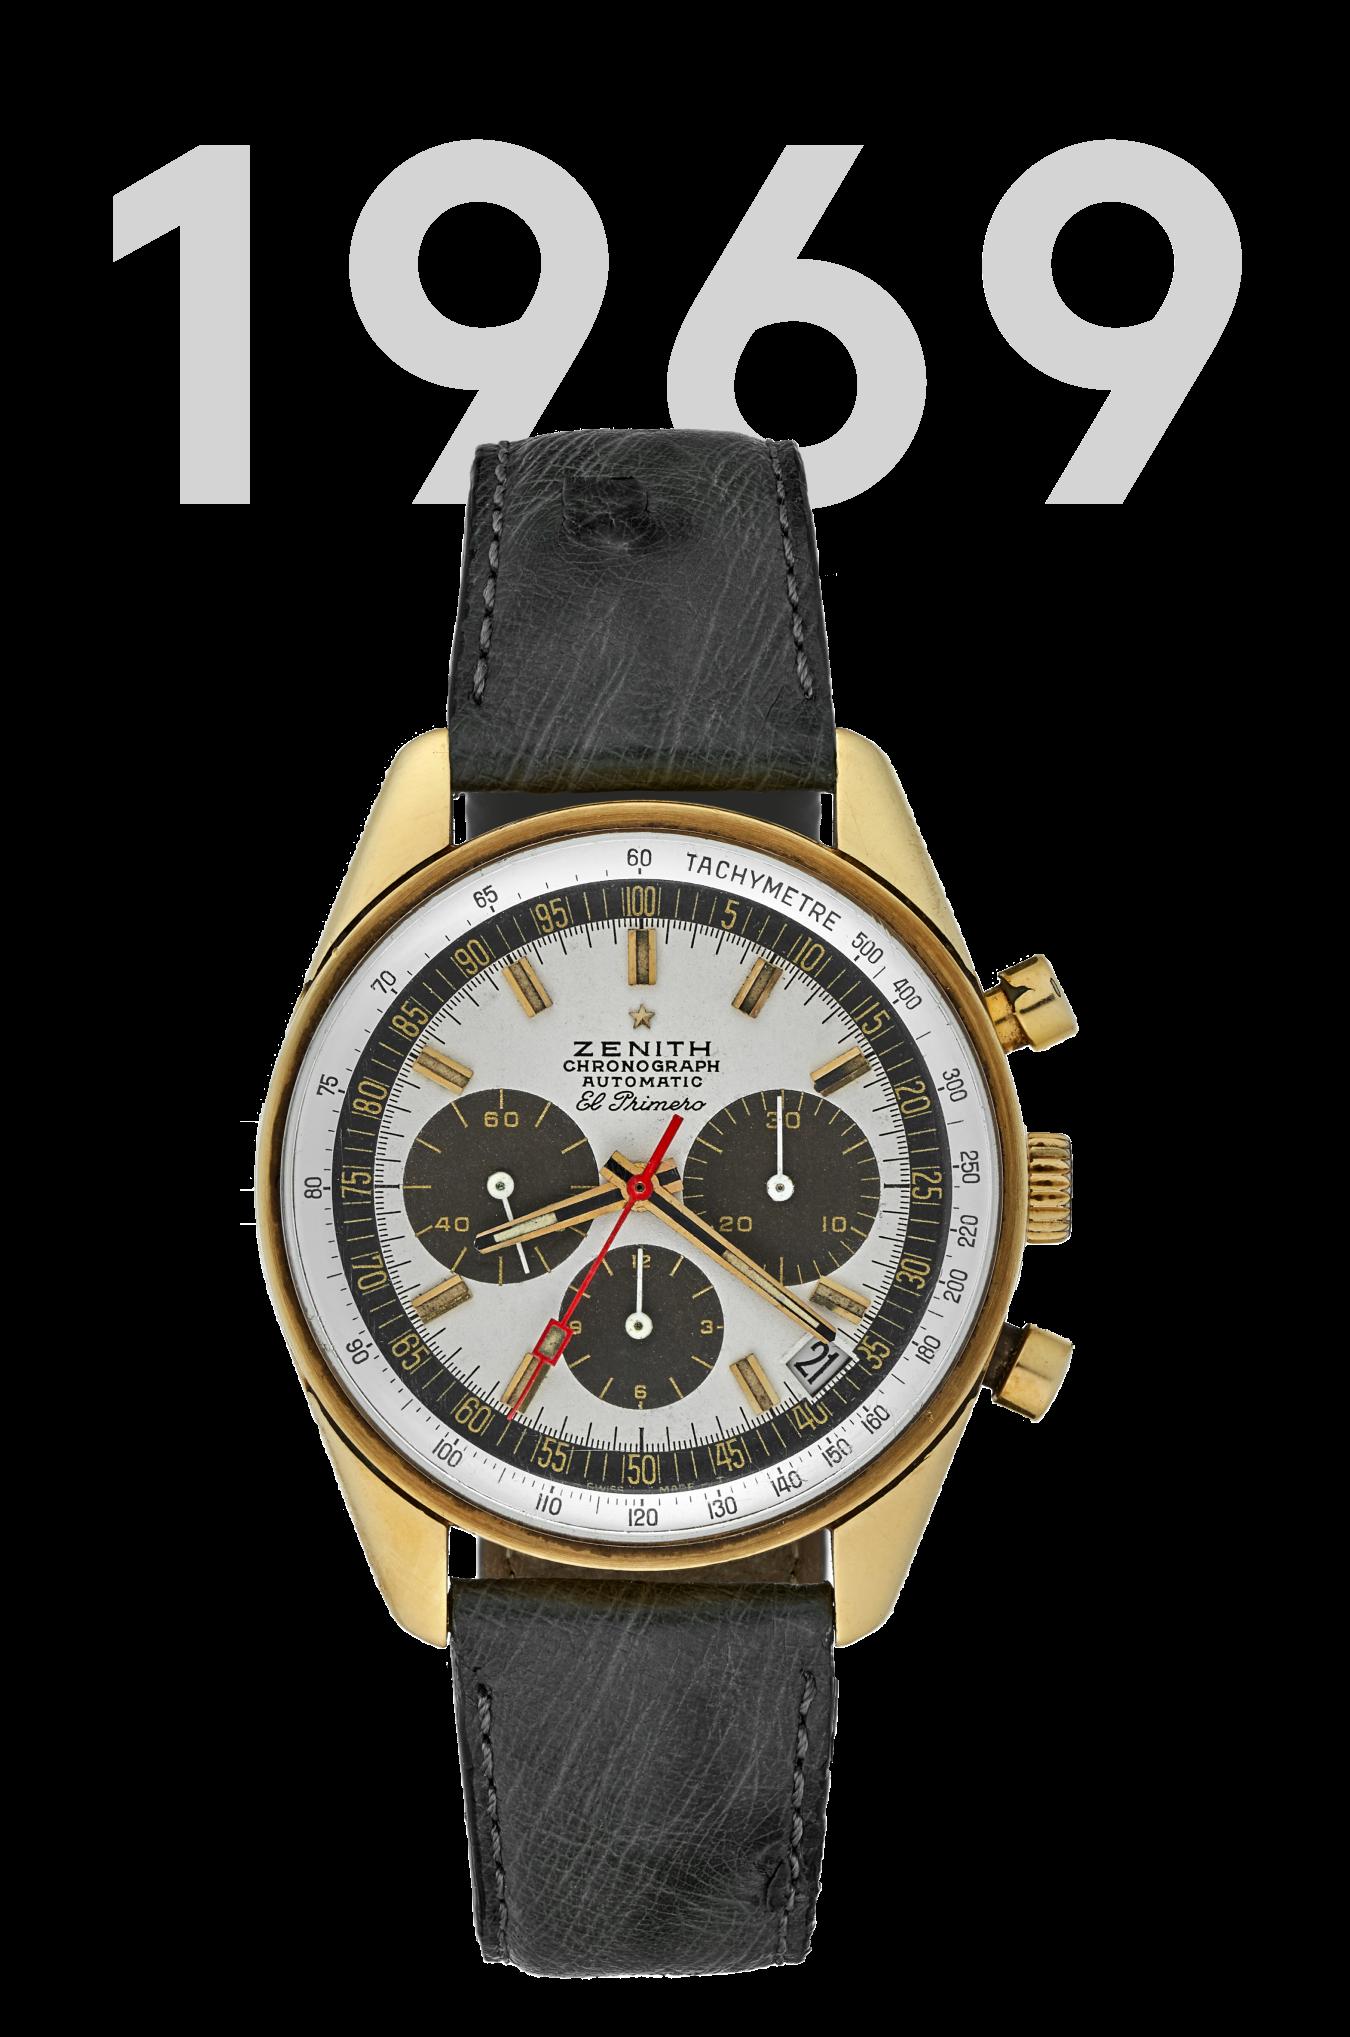 1969 version of the Zenith El Primero G381